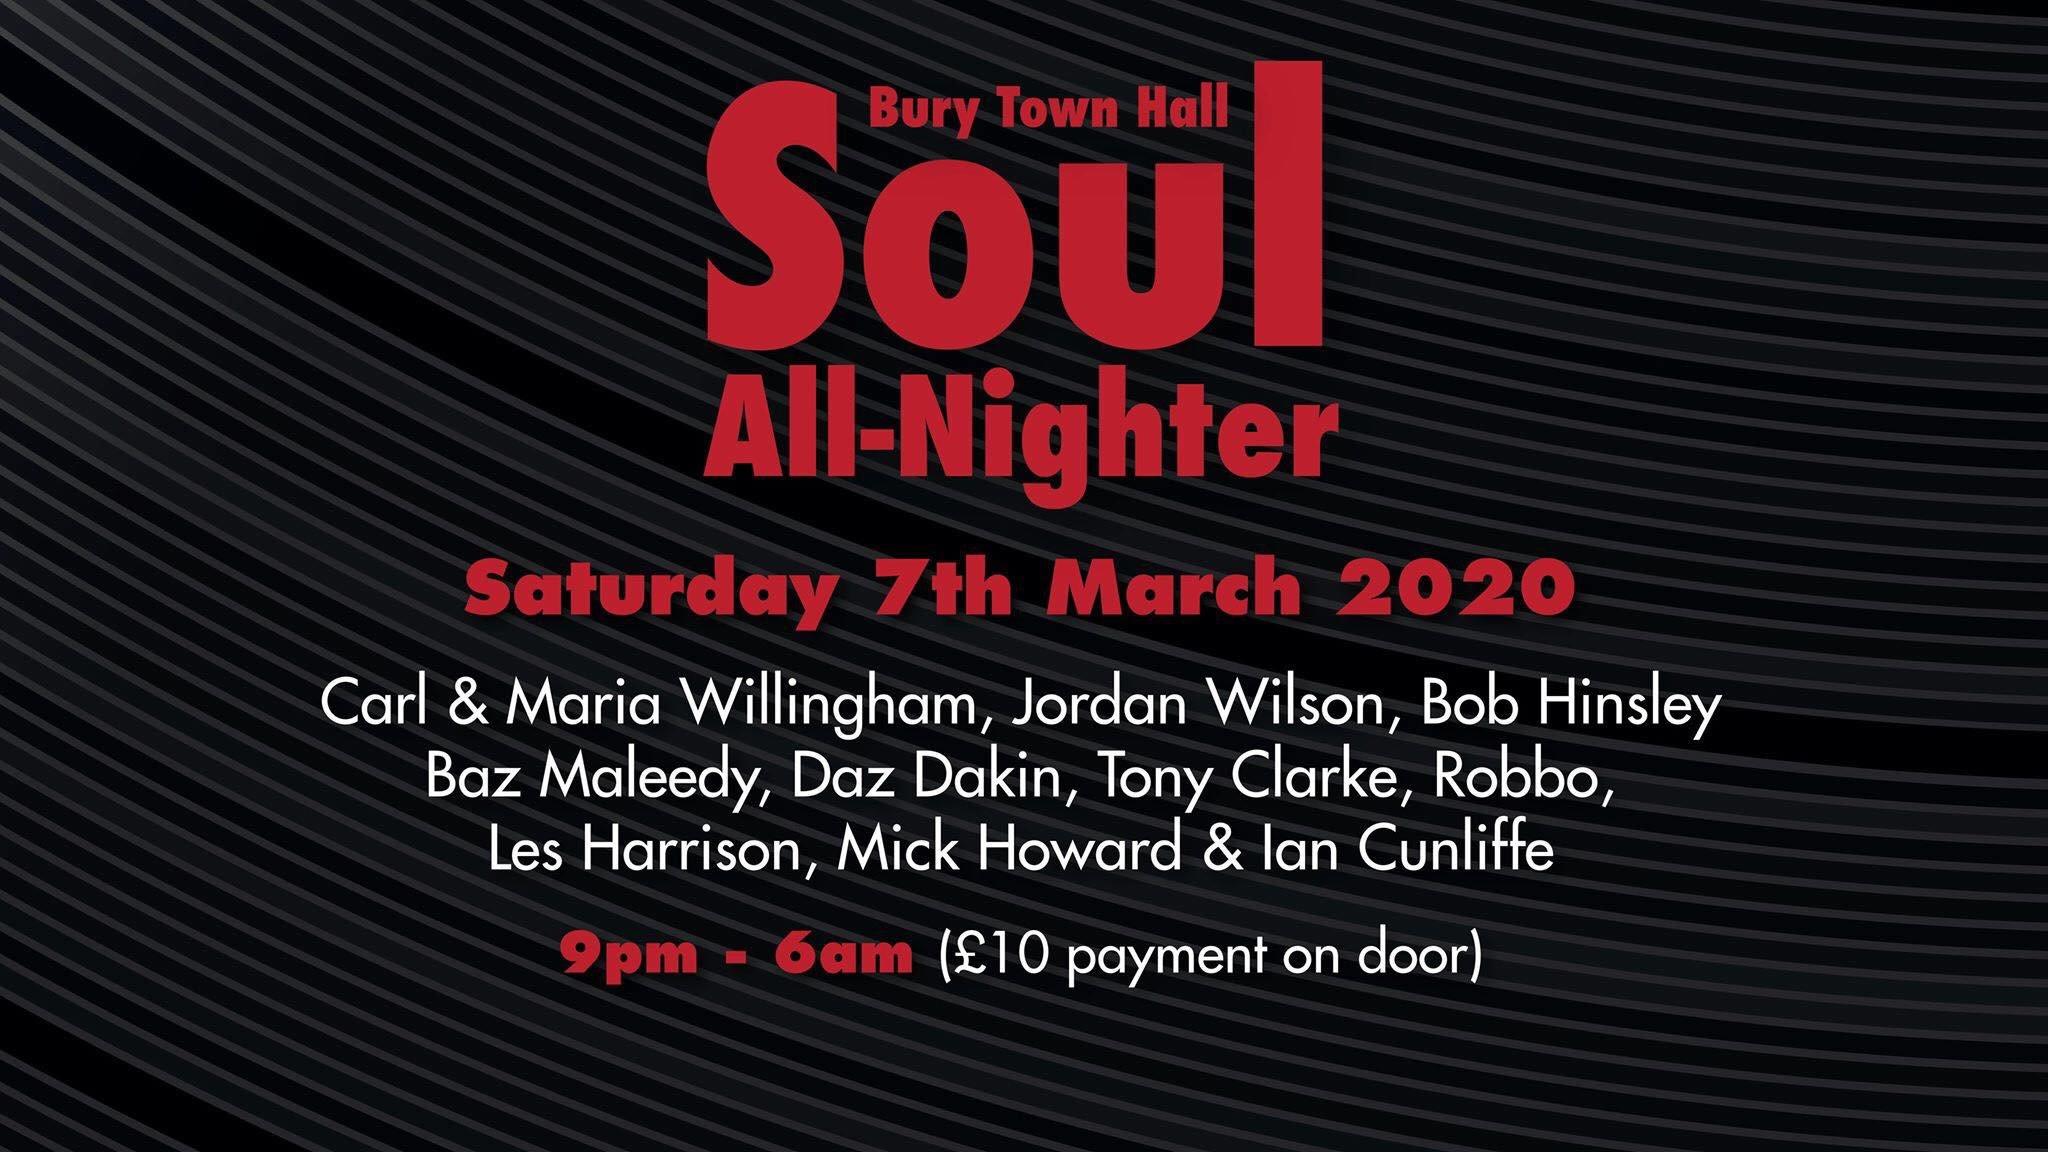 Bury Allnighter  Bury Town Hall flyer